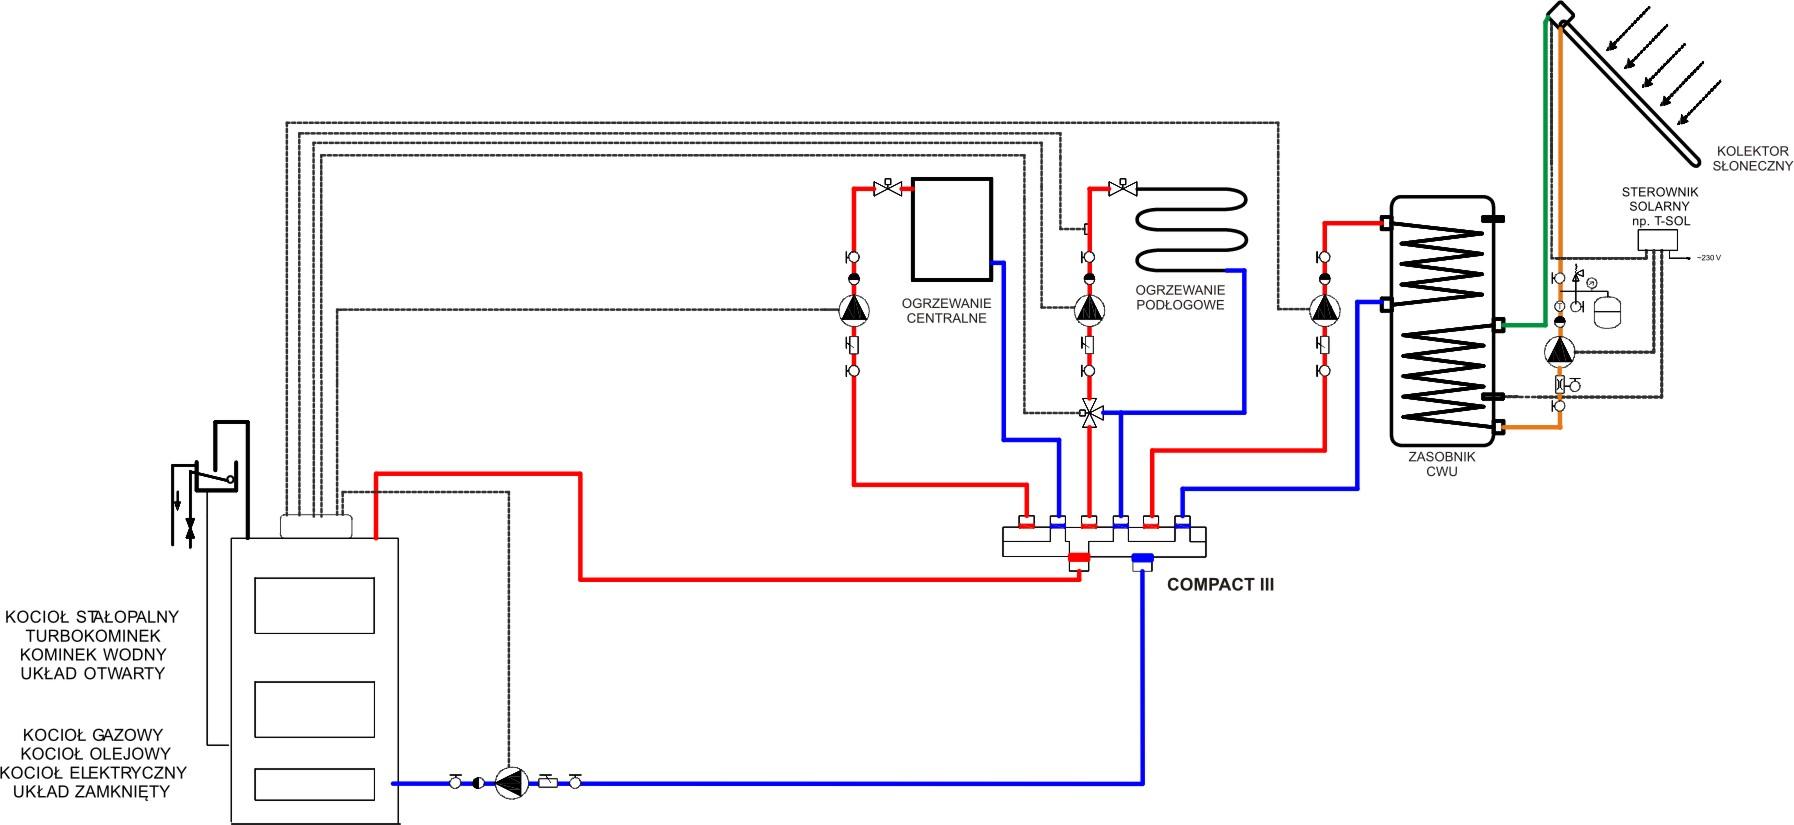 Rozdzielacz wody Compact SH | Urządzenia